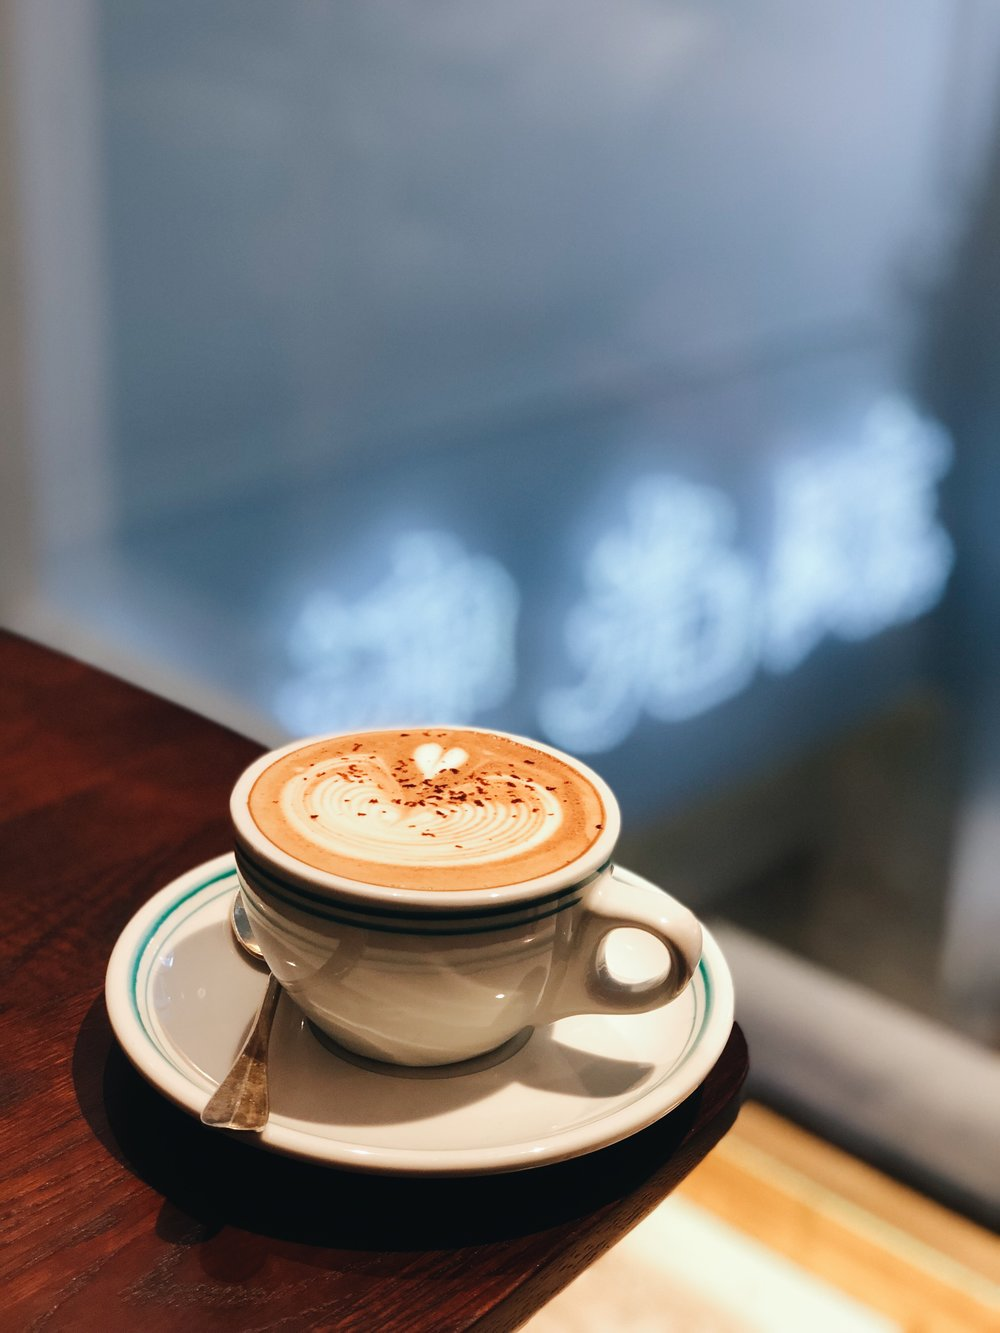 Latte on rainy Sunday